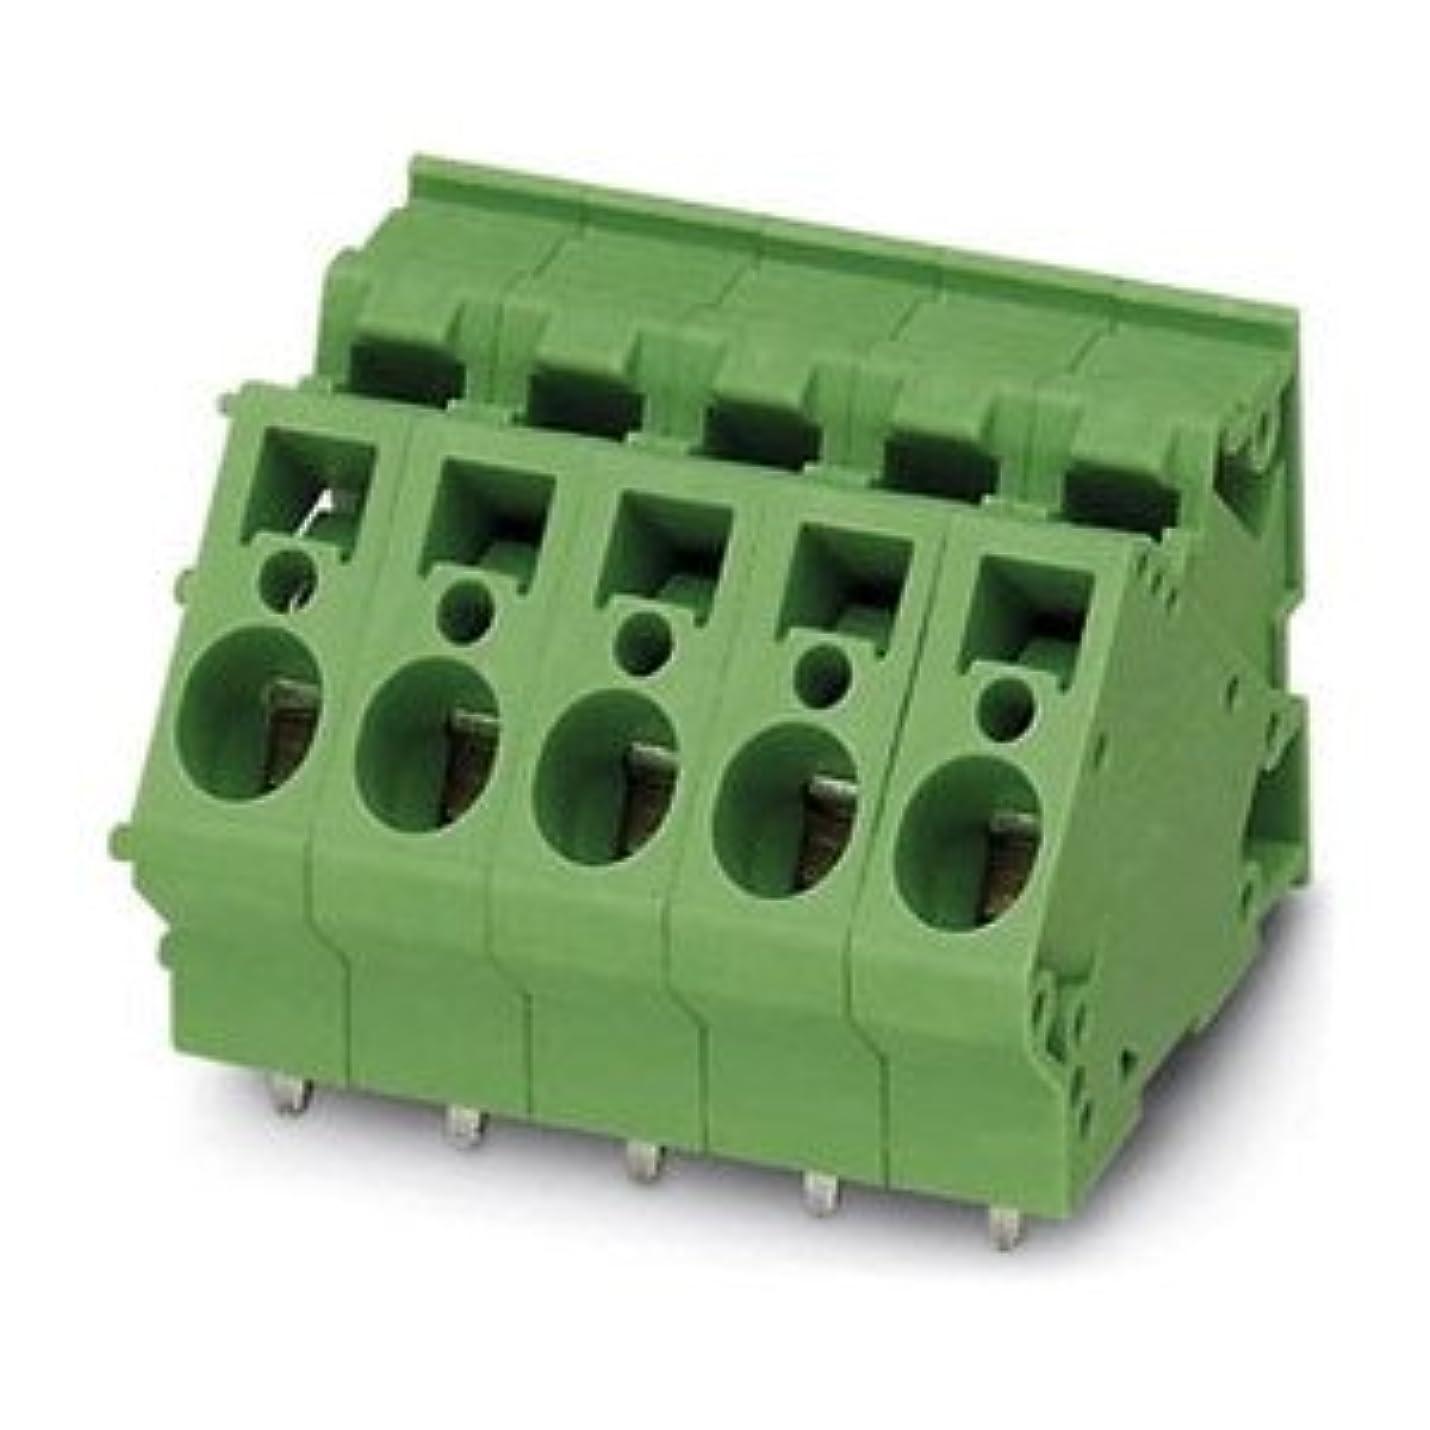 批評オフ他にPhoenix Contact 基板用端子台 7.5mmピッチ 6極 緑 1934625